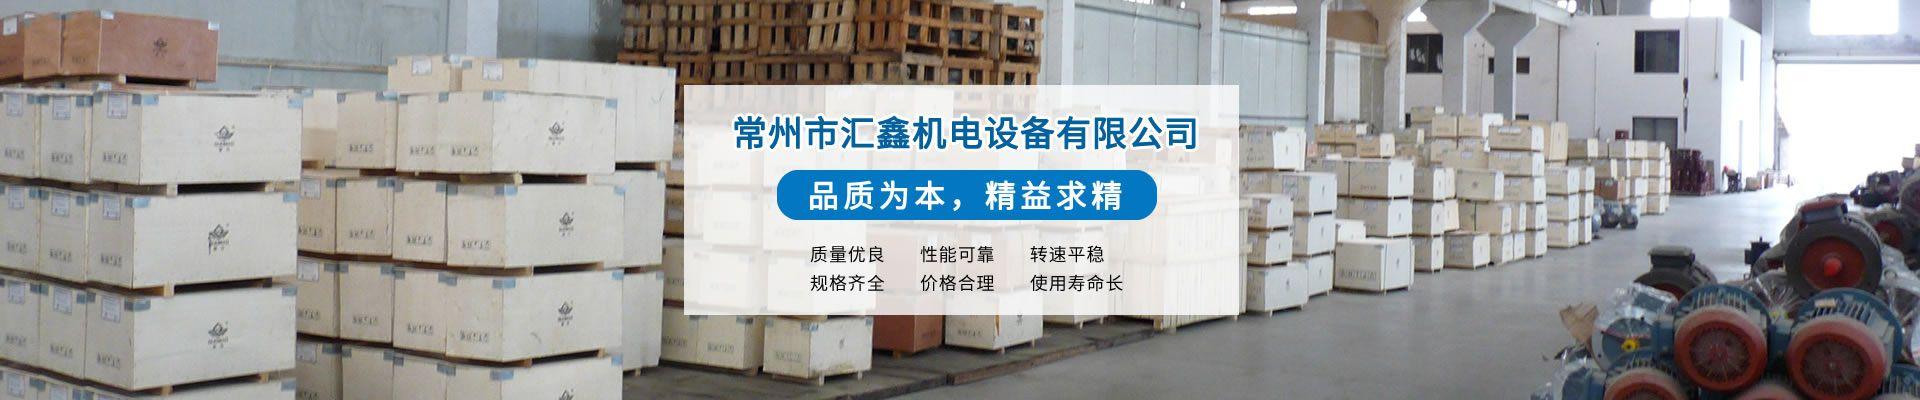 常州市汇鑫机电设备有限公司